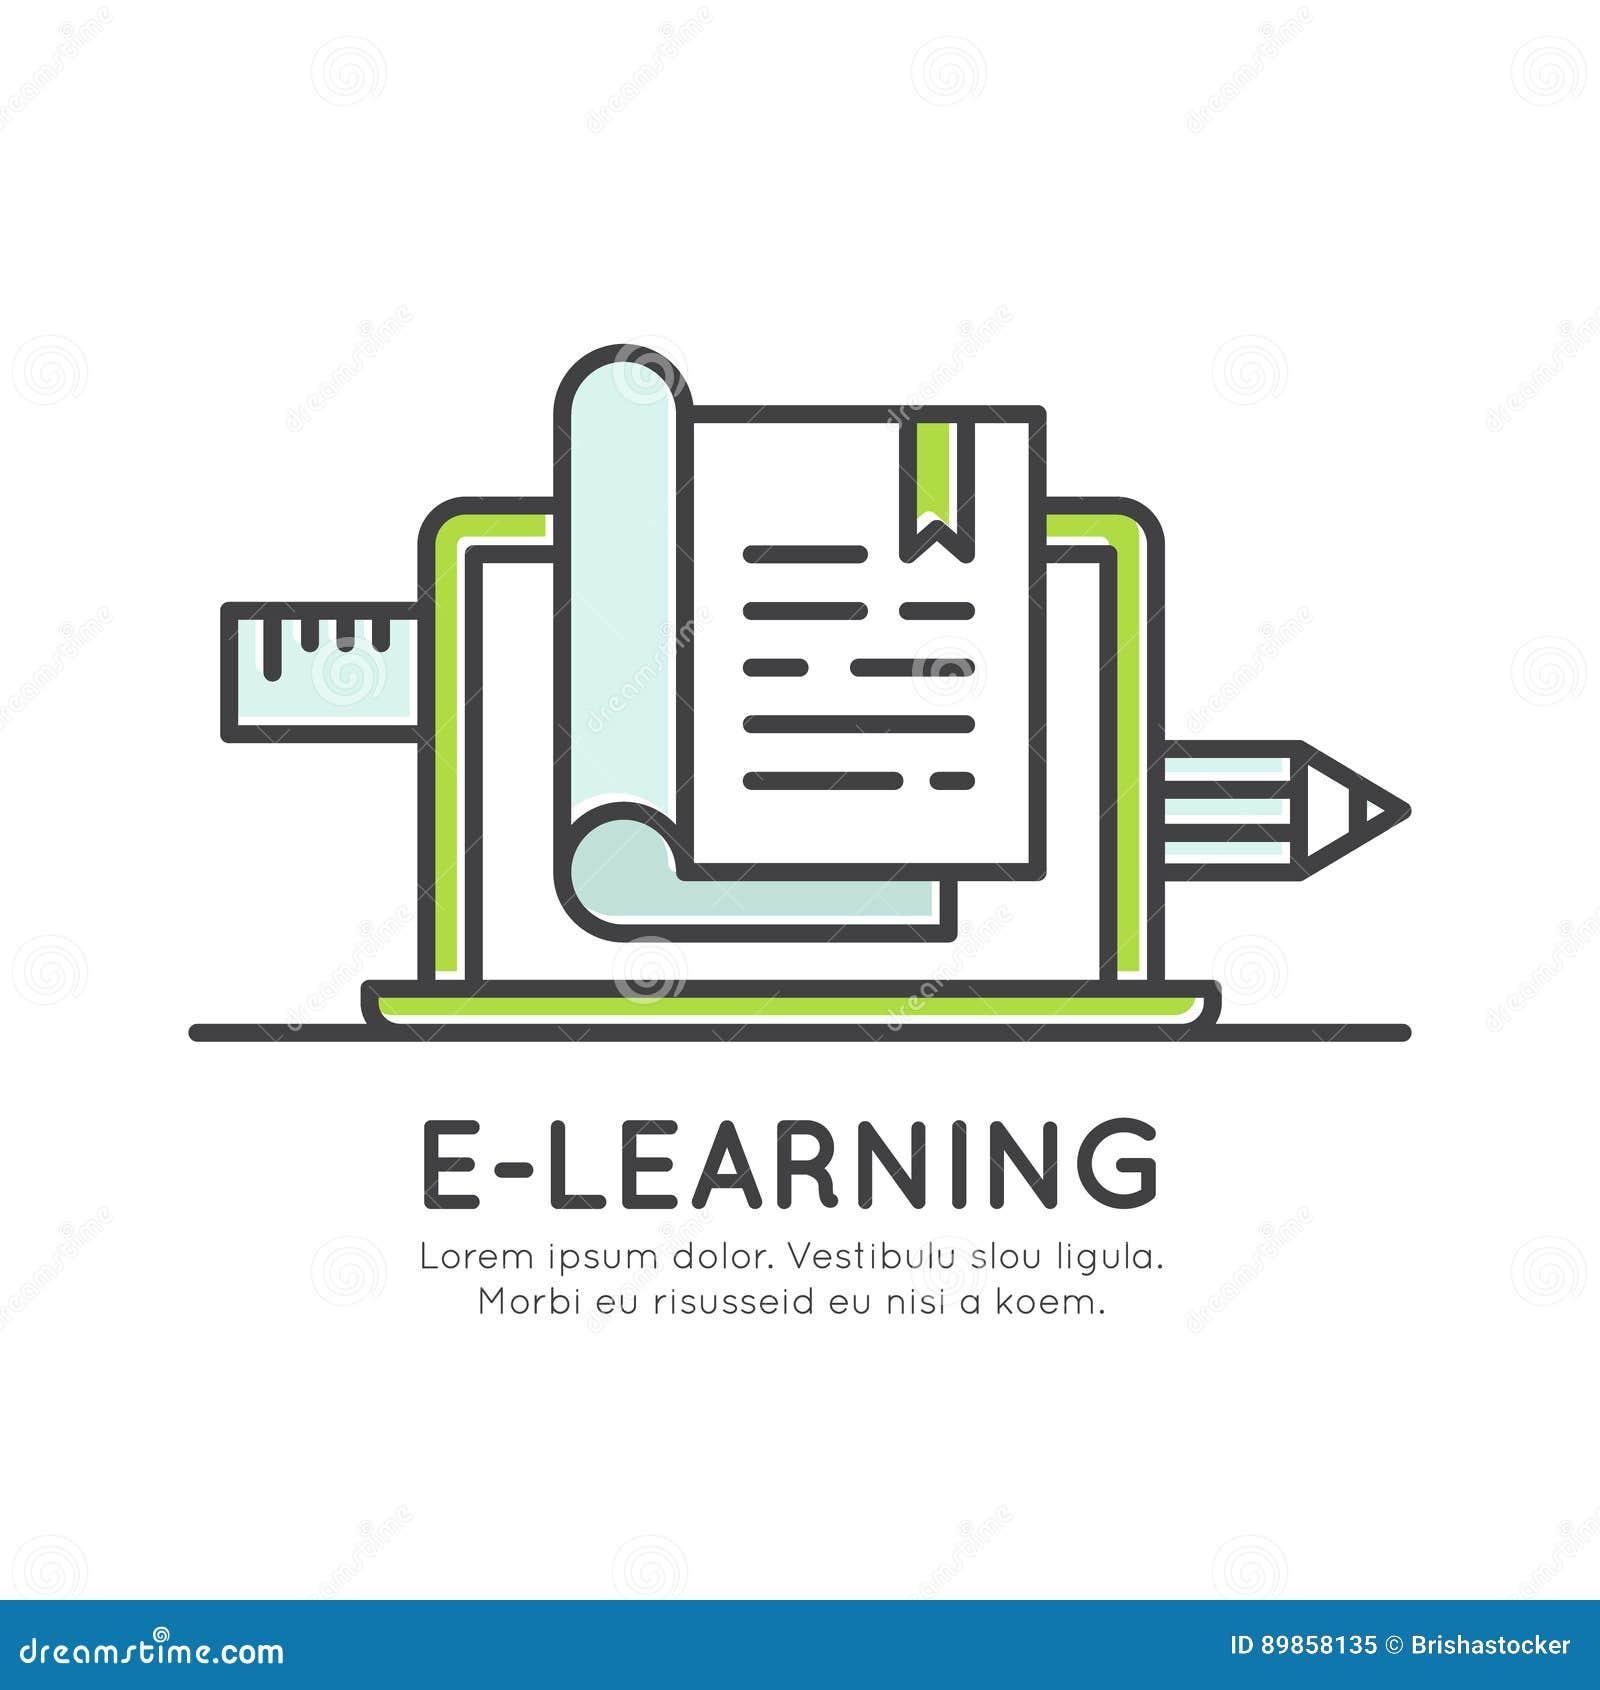 Ηλεκτρονικός σε απευθείας σύνδεση βαθμός βαθμολόγησης εκμάθησης, πληροφορίες απόστασης, υλικό μελέτης, γνώση Διαδικτύου